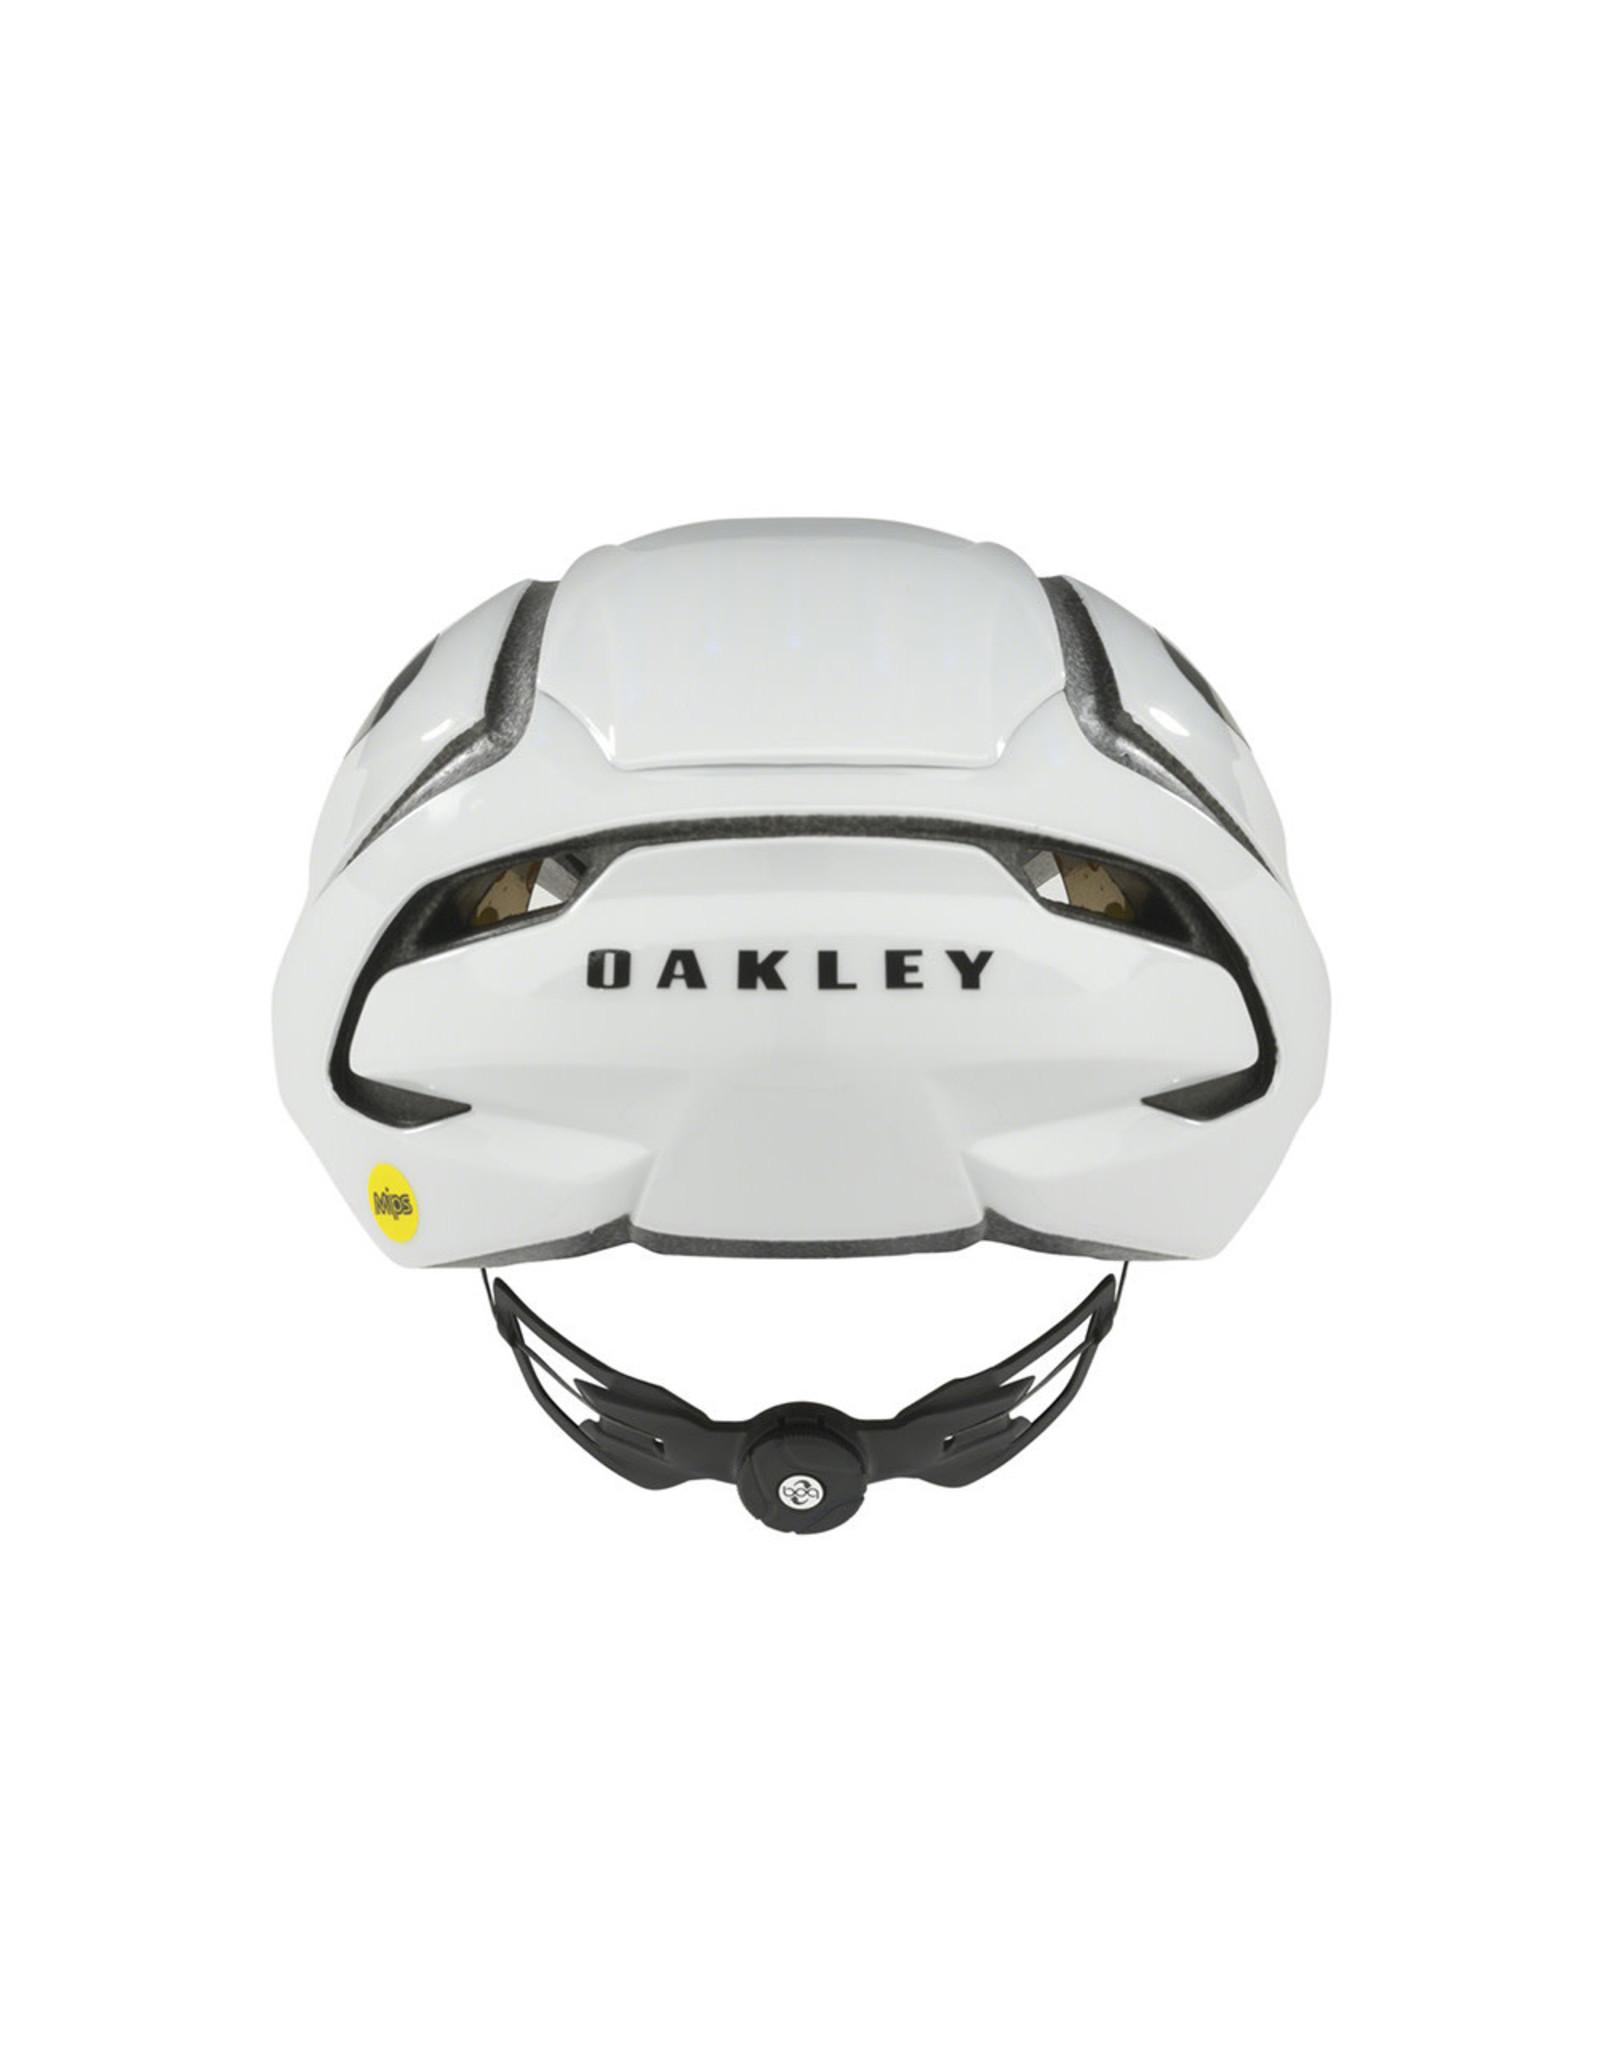 Oakley Oakley - ARO5 White - L